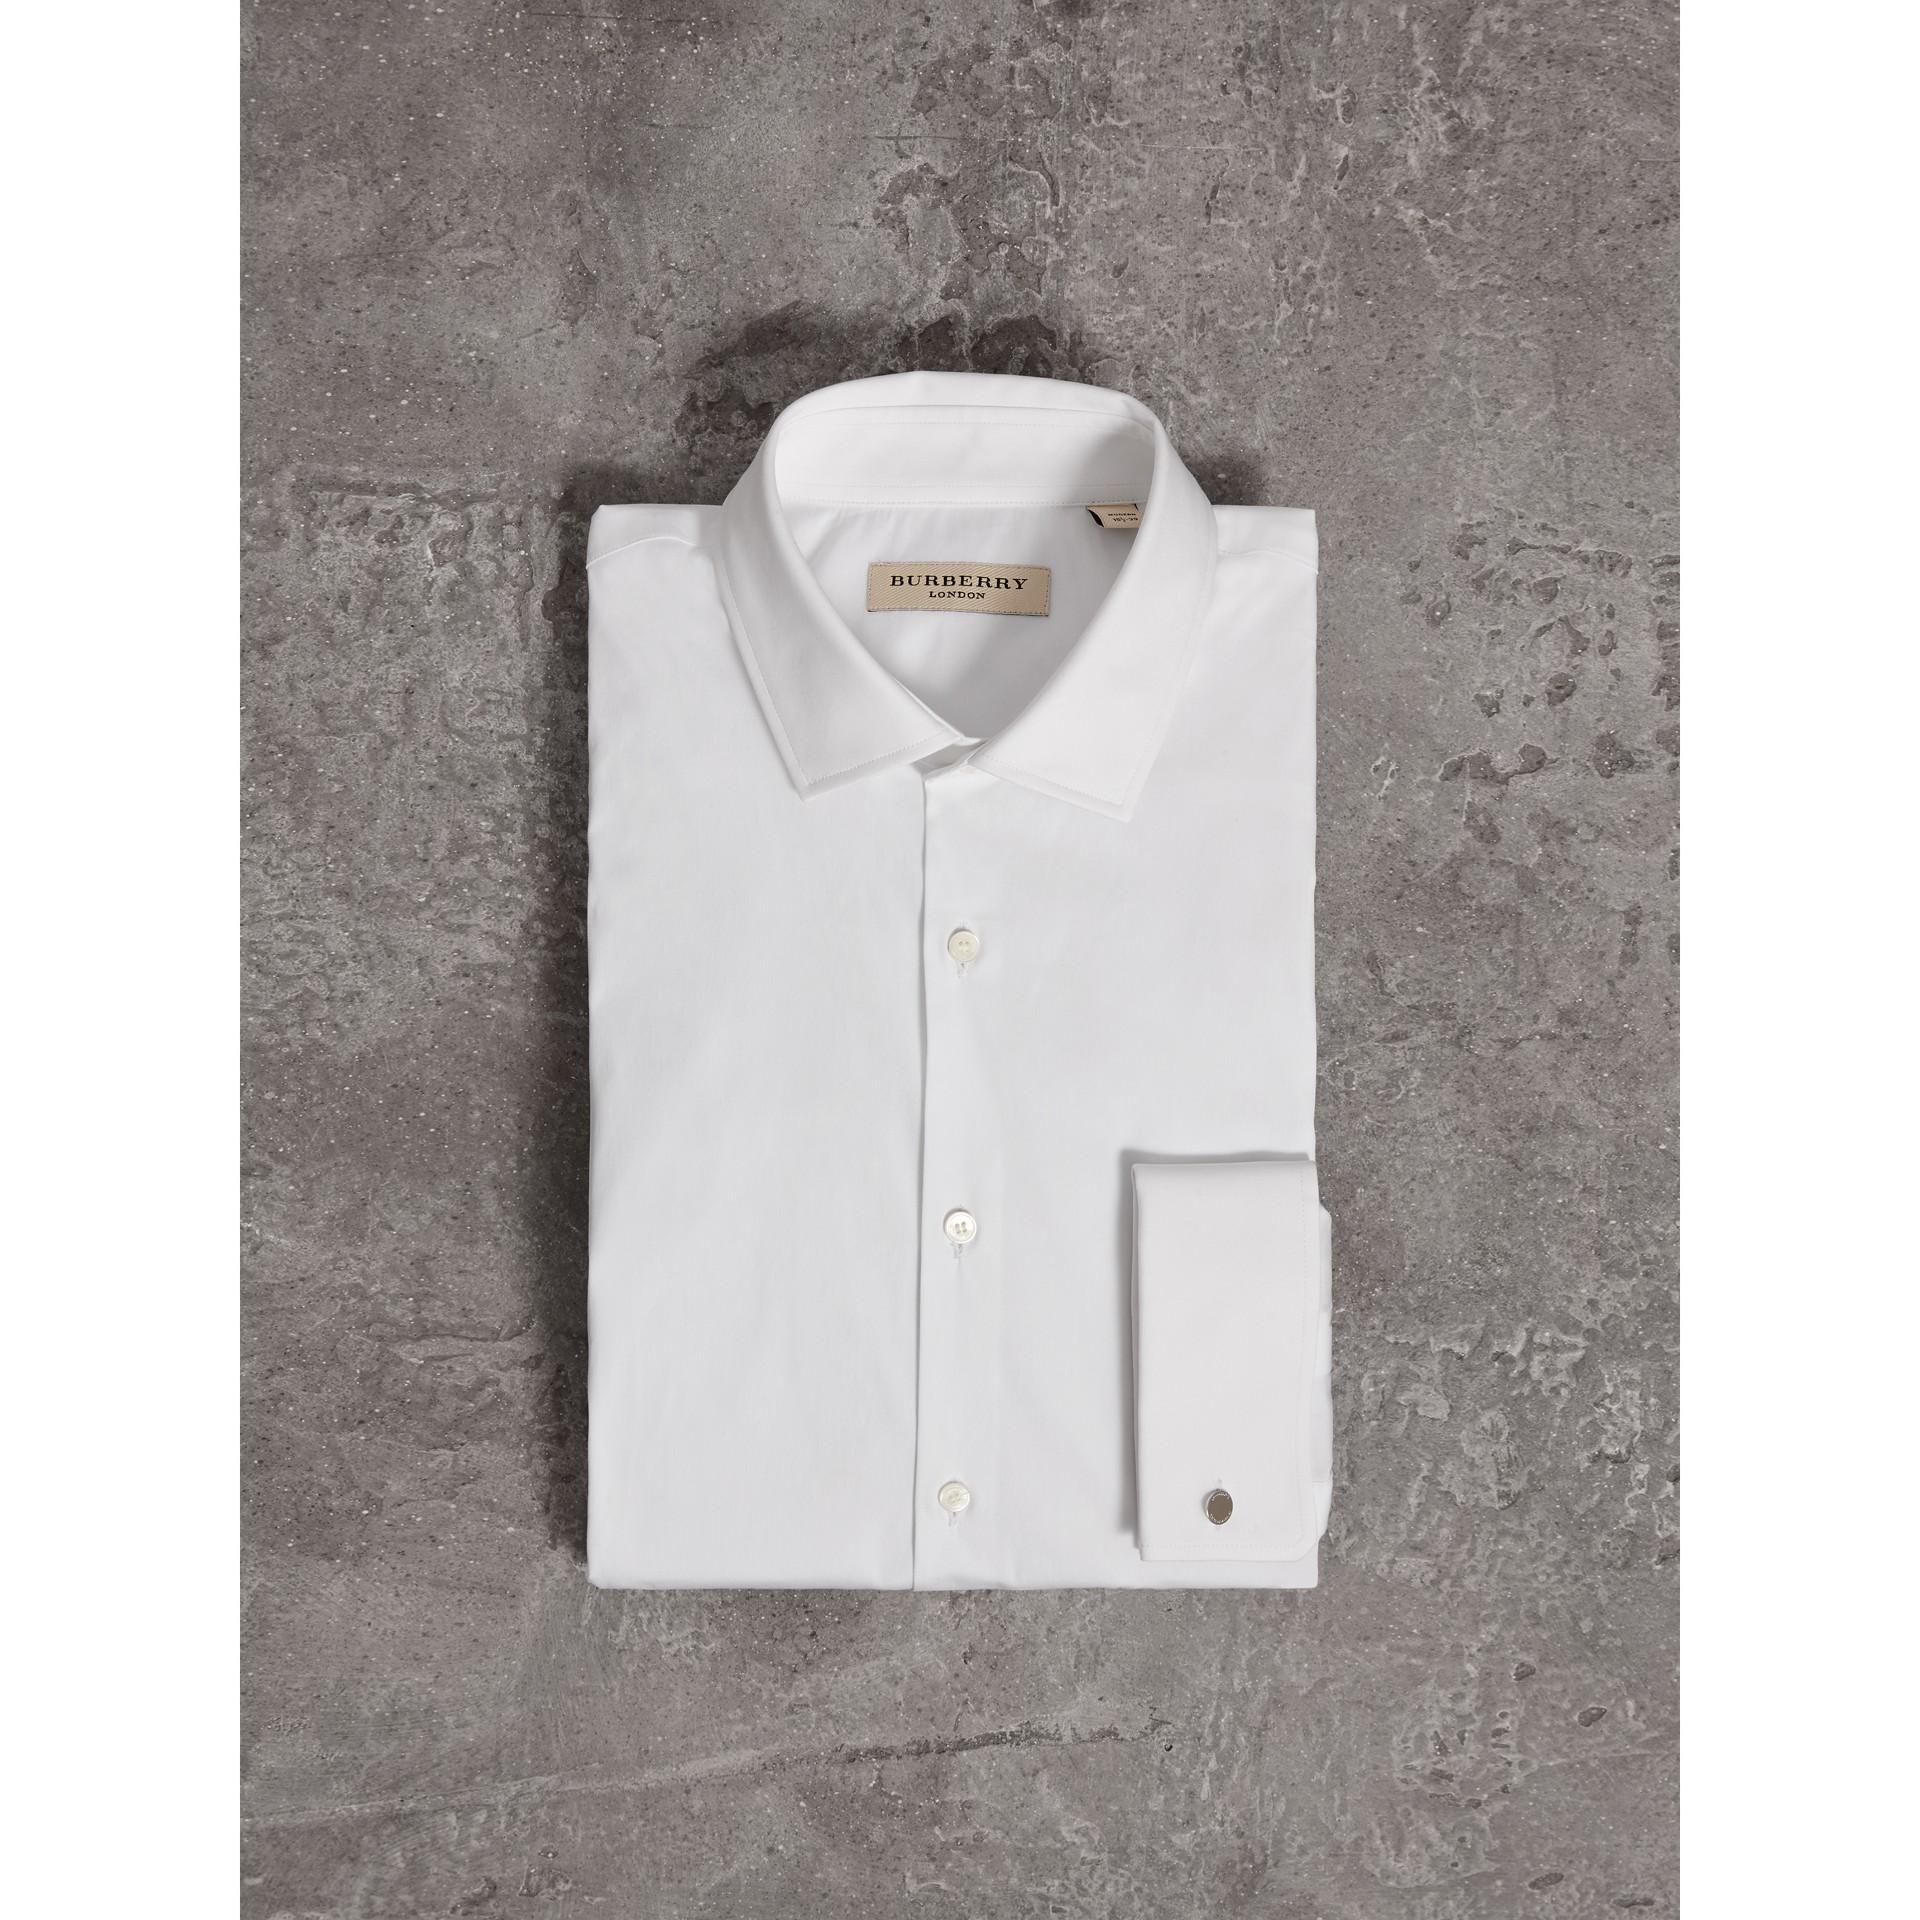 Chemise moderne en coton extensible à poignets mousquetaires (Blanc) - Homme | Burberry - photo de la galerie 4